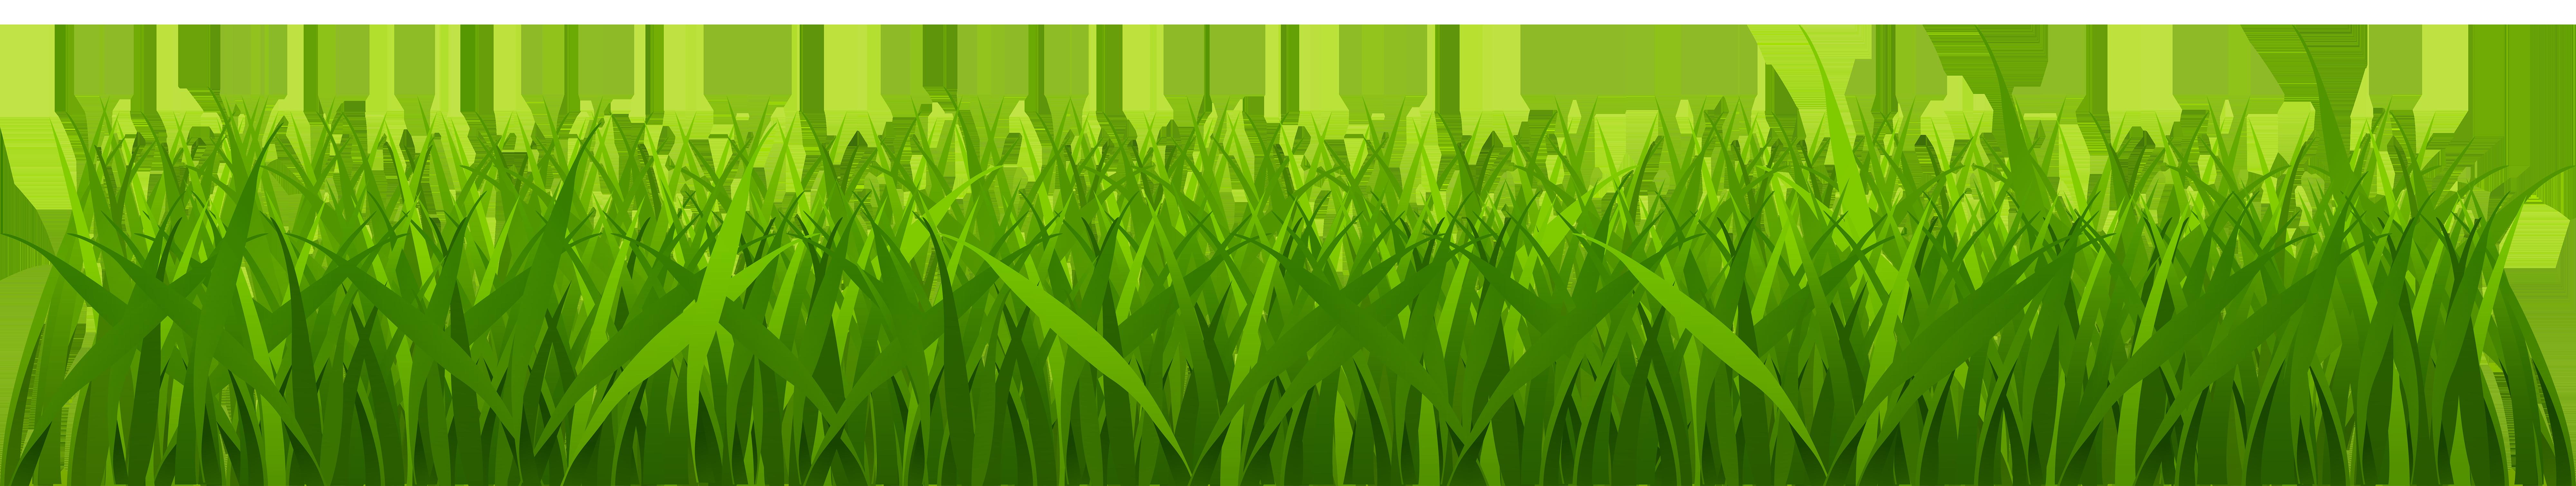 Grass Path PNG Clip Art.